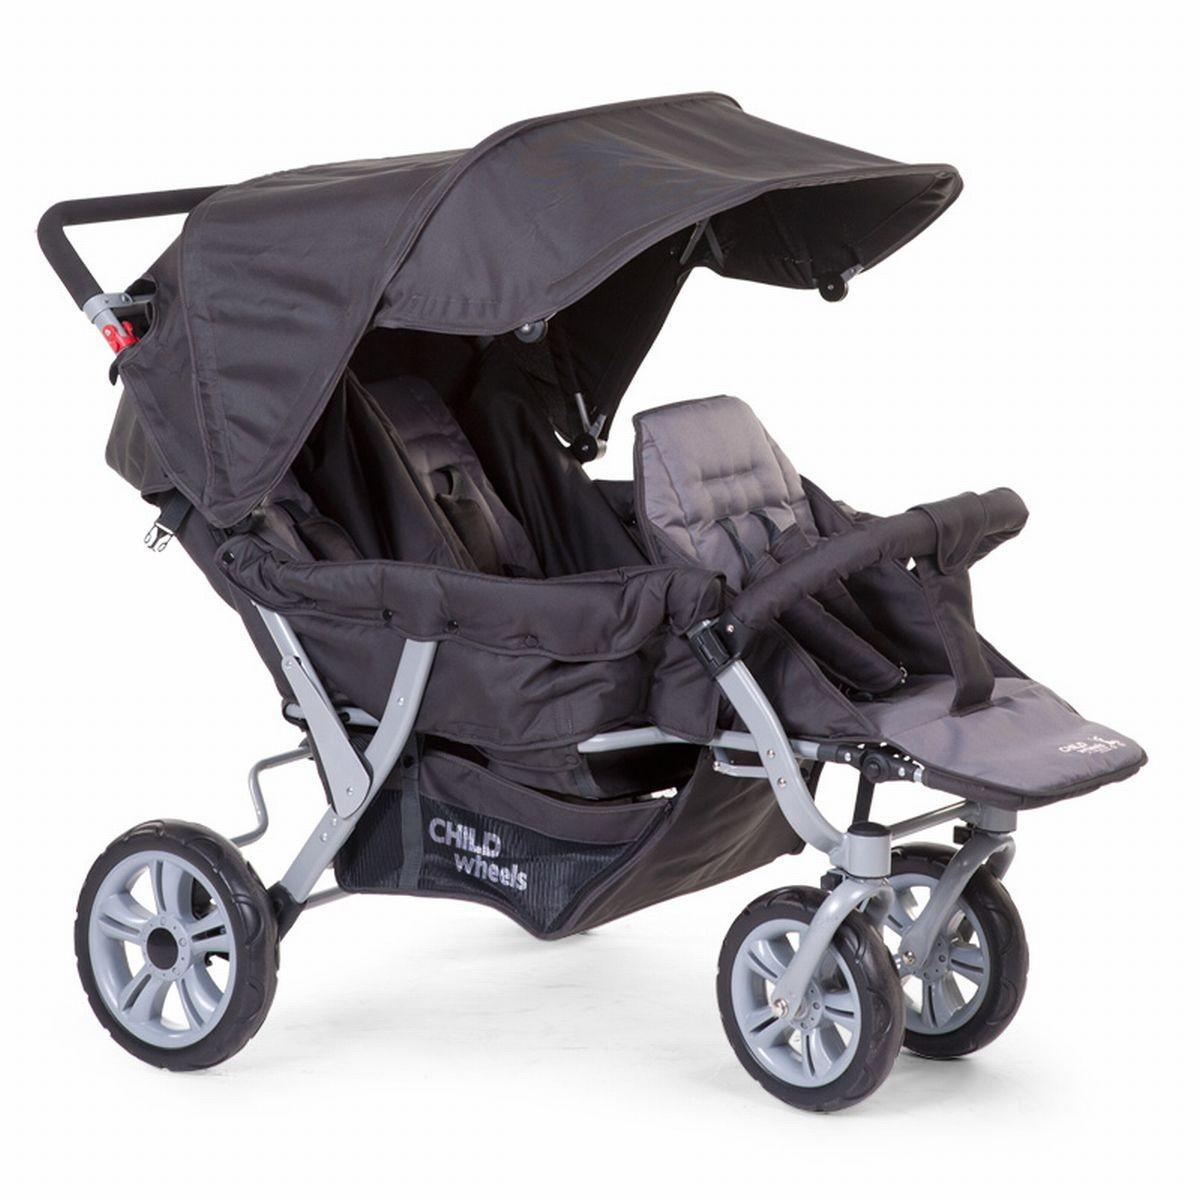 Silla de paseo para trillizos triplet childwheels opiniones for Sillas para dormir